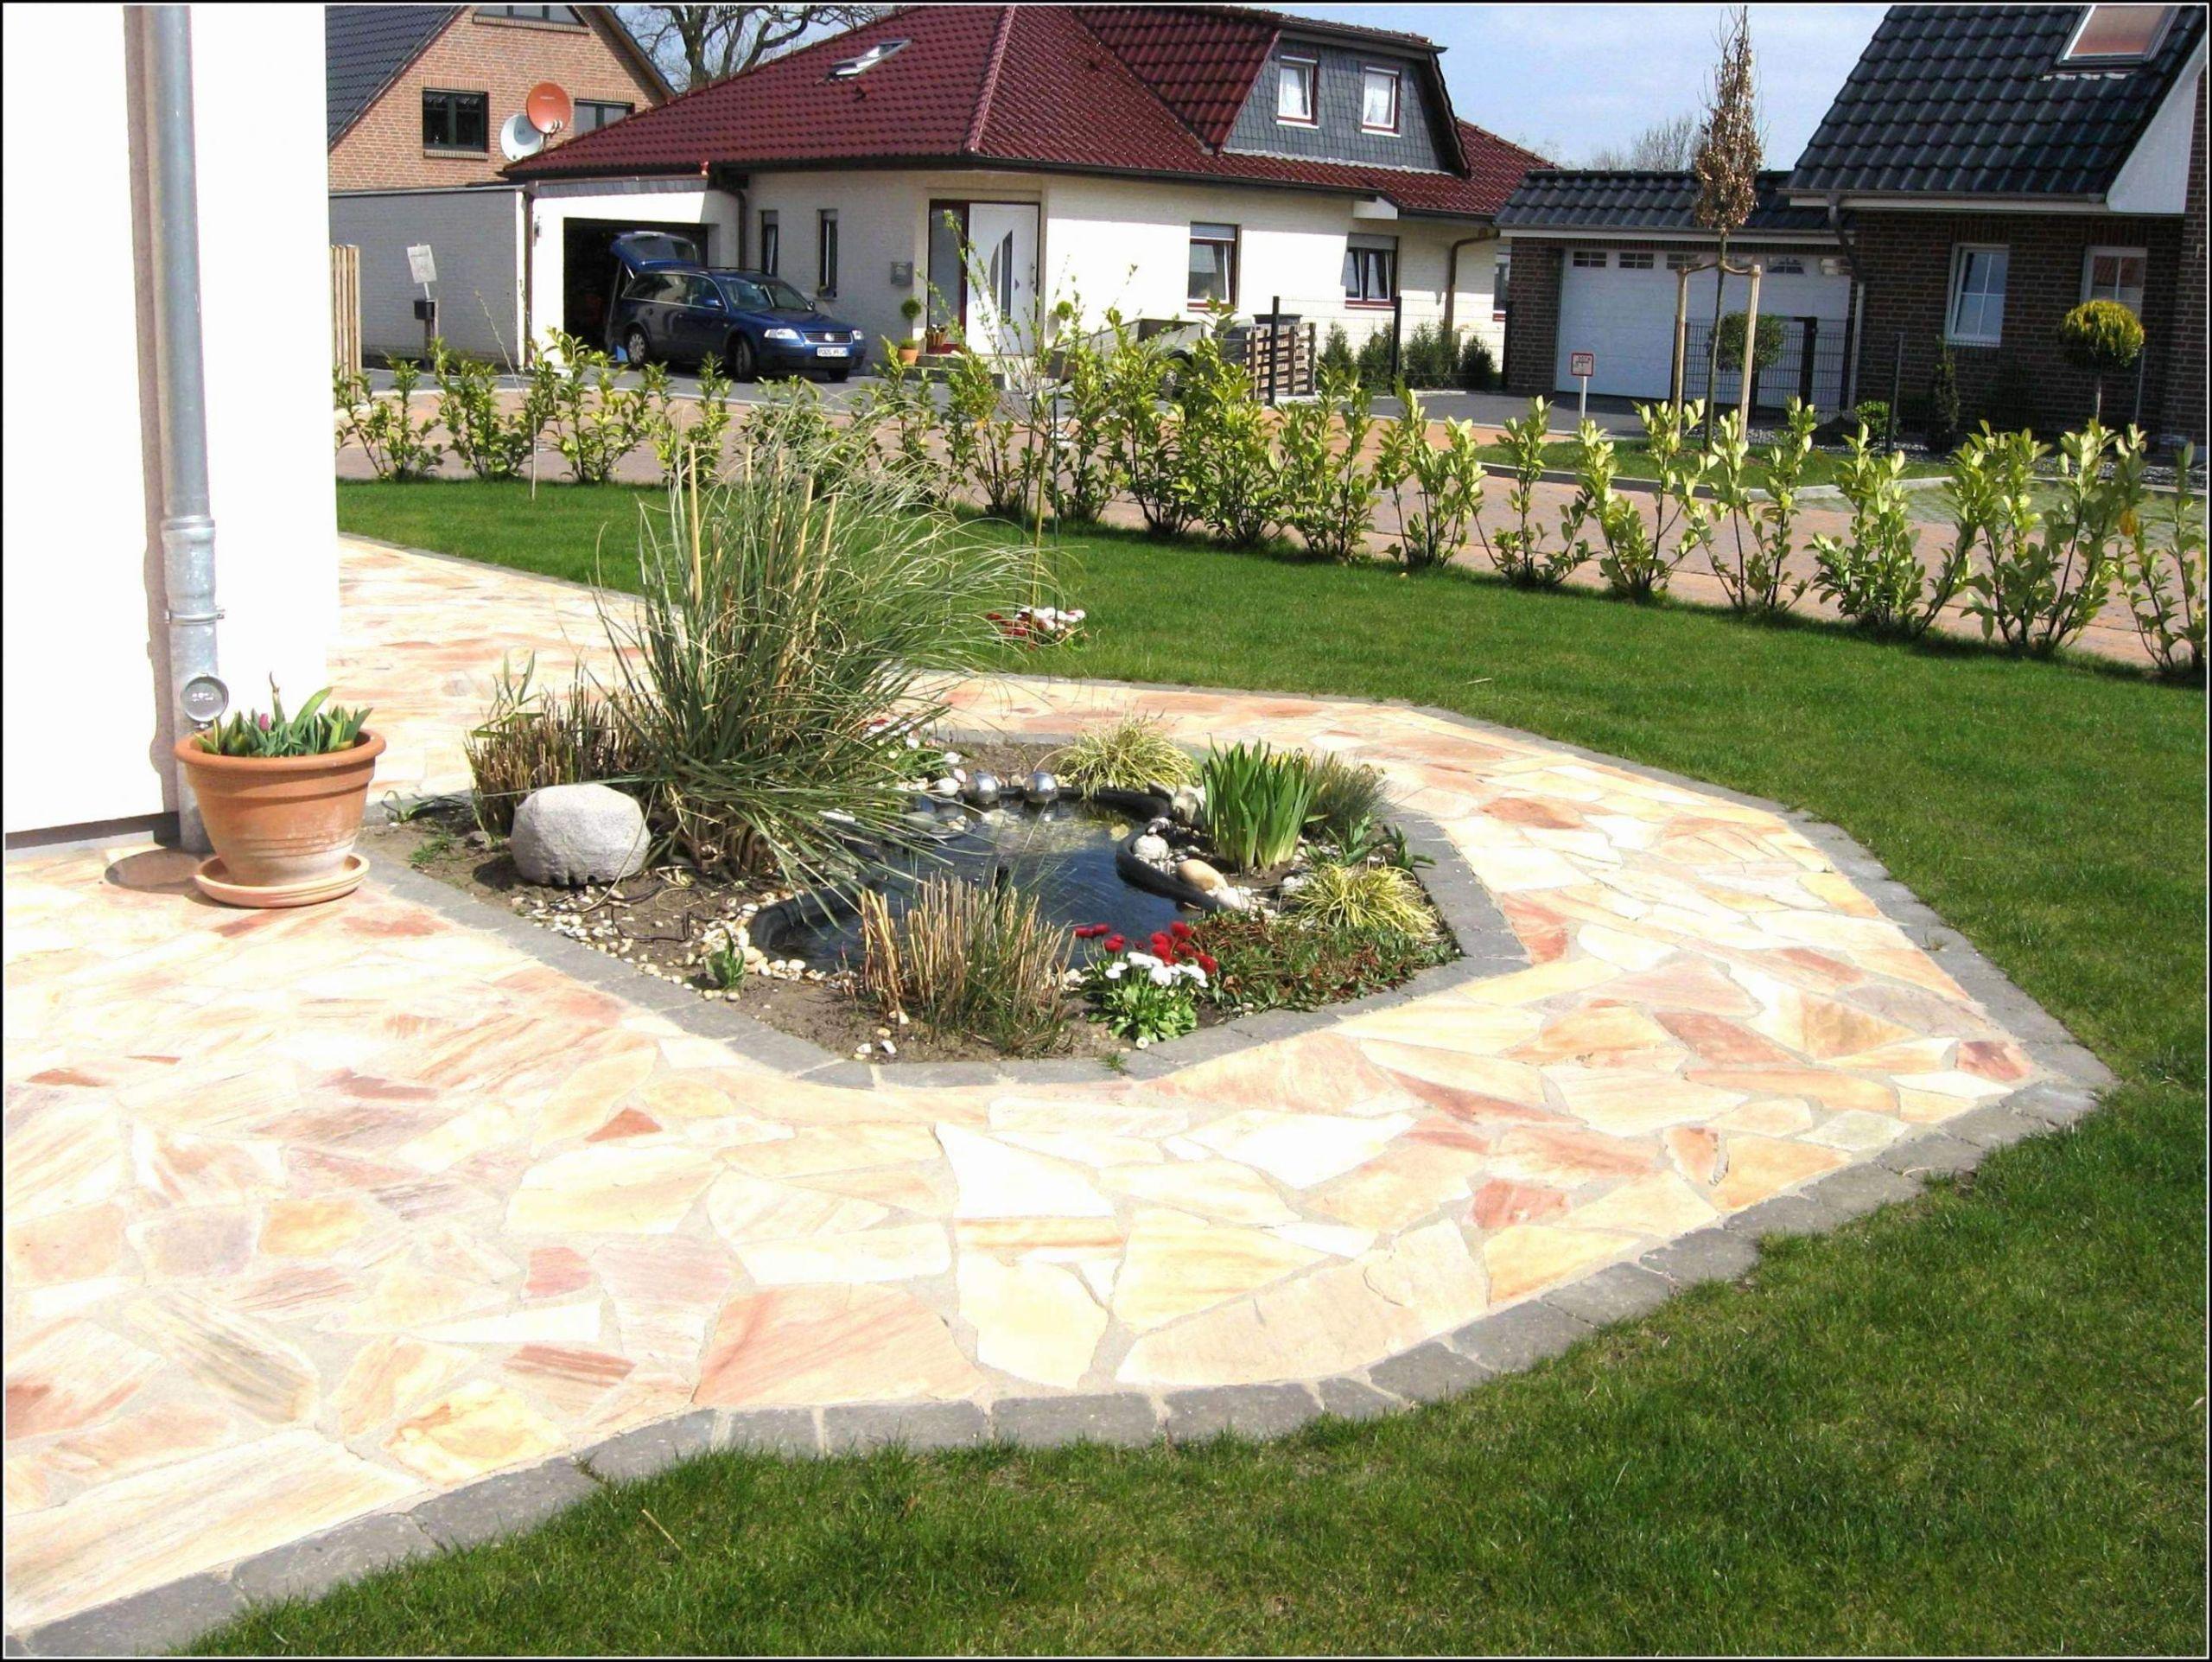 Pinterest Garten Luxus Grillplatz Bauen Garten — Temobardz Home Blog